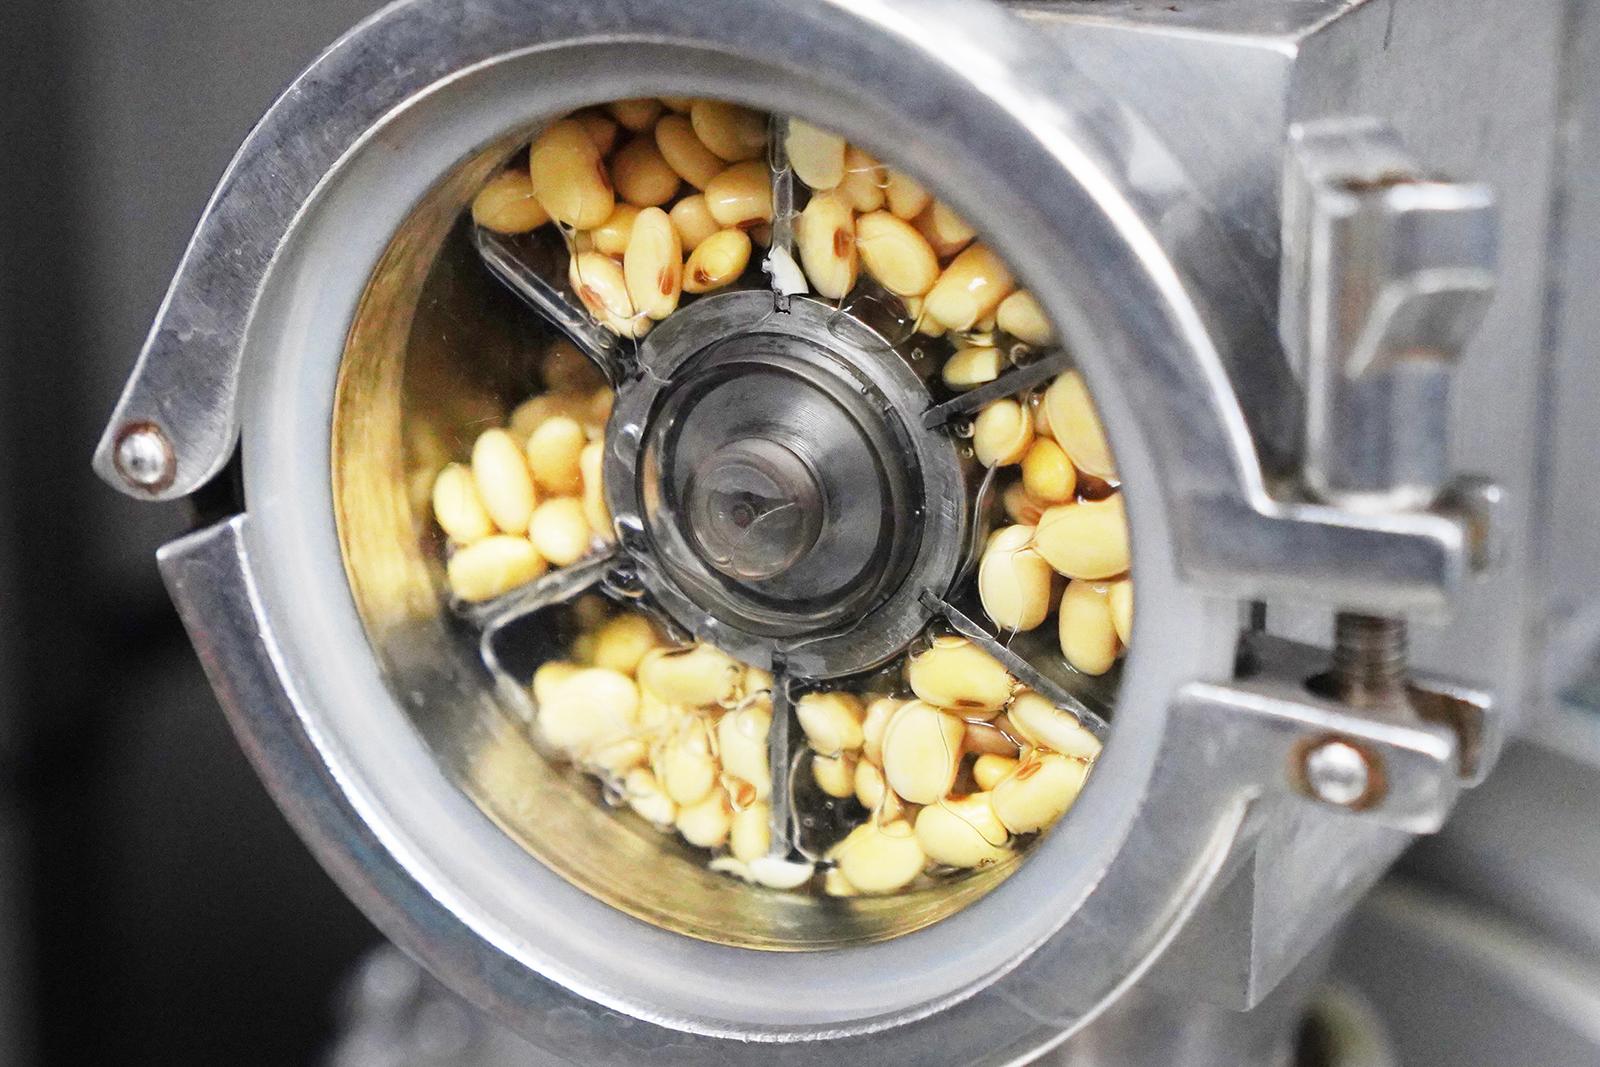 隨經研究證明,大豆中多數營養成分殘留在豆渣中,一般豆渣含水分85%、蛋著科學的發展,人類文化素質的提高,人們已從營養學的角度開始重新認識豆渣。白質3.0%、脂肪0.5%、碳水化合物(纖維素、多糖等)8.0%。此外,豆渣還含有鈣、磷、鐵等礦物質,營養價值也是不容小覷! | 改變生命的豆漿店 | 禾乃川國產豆製所